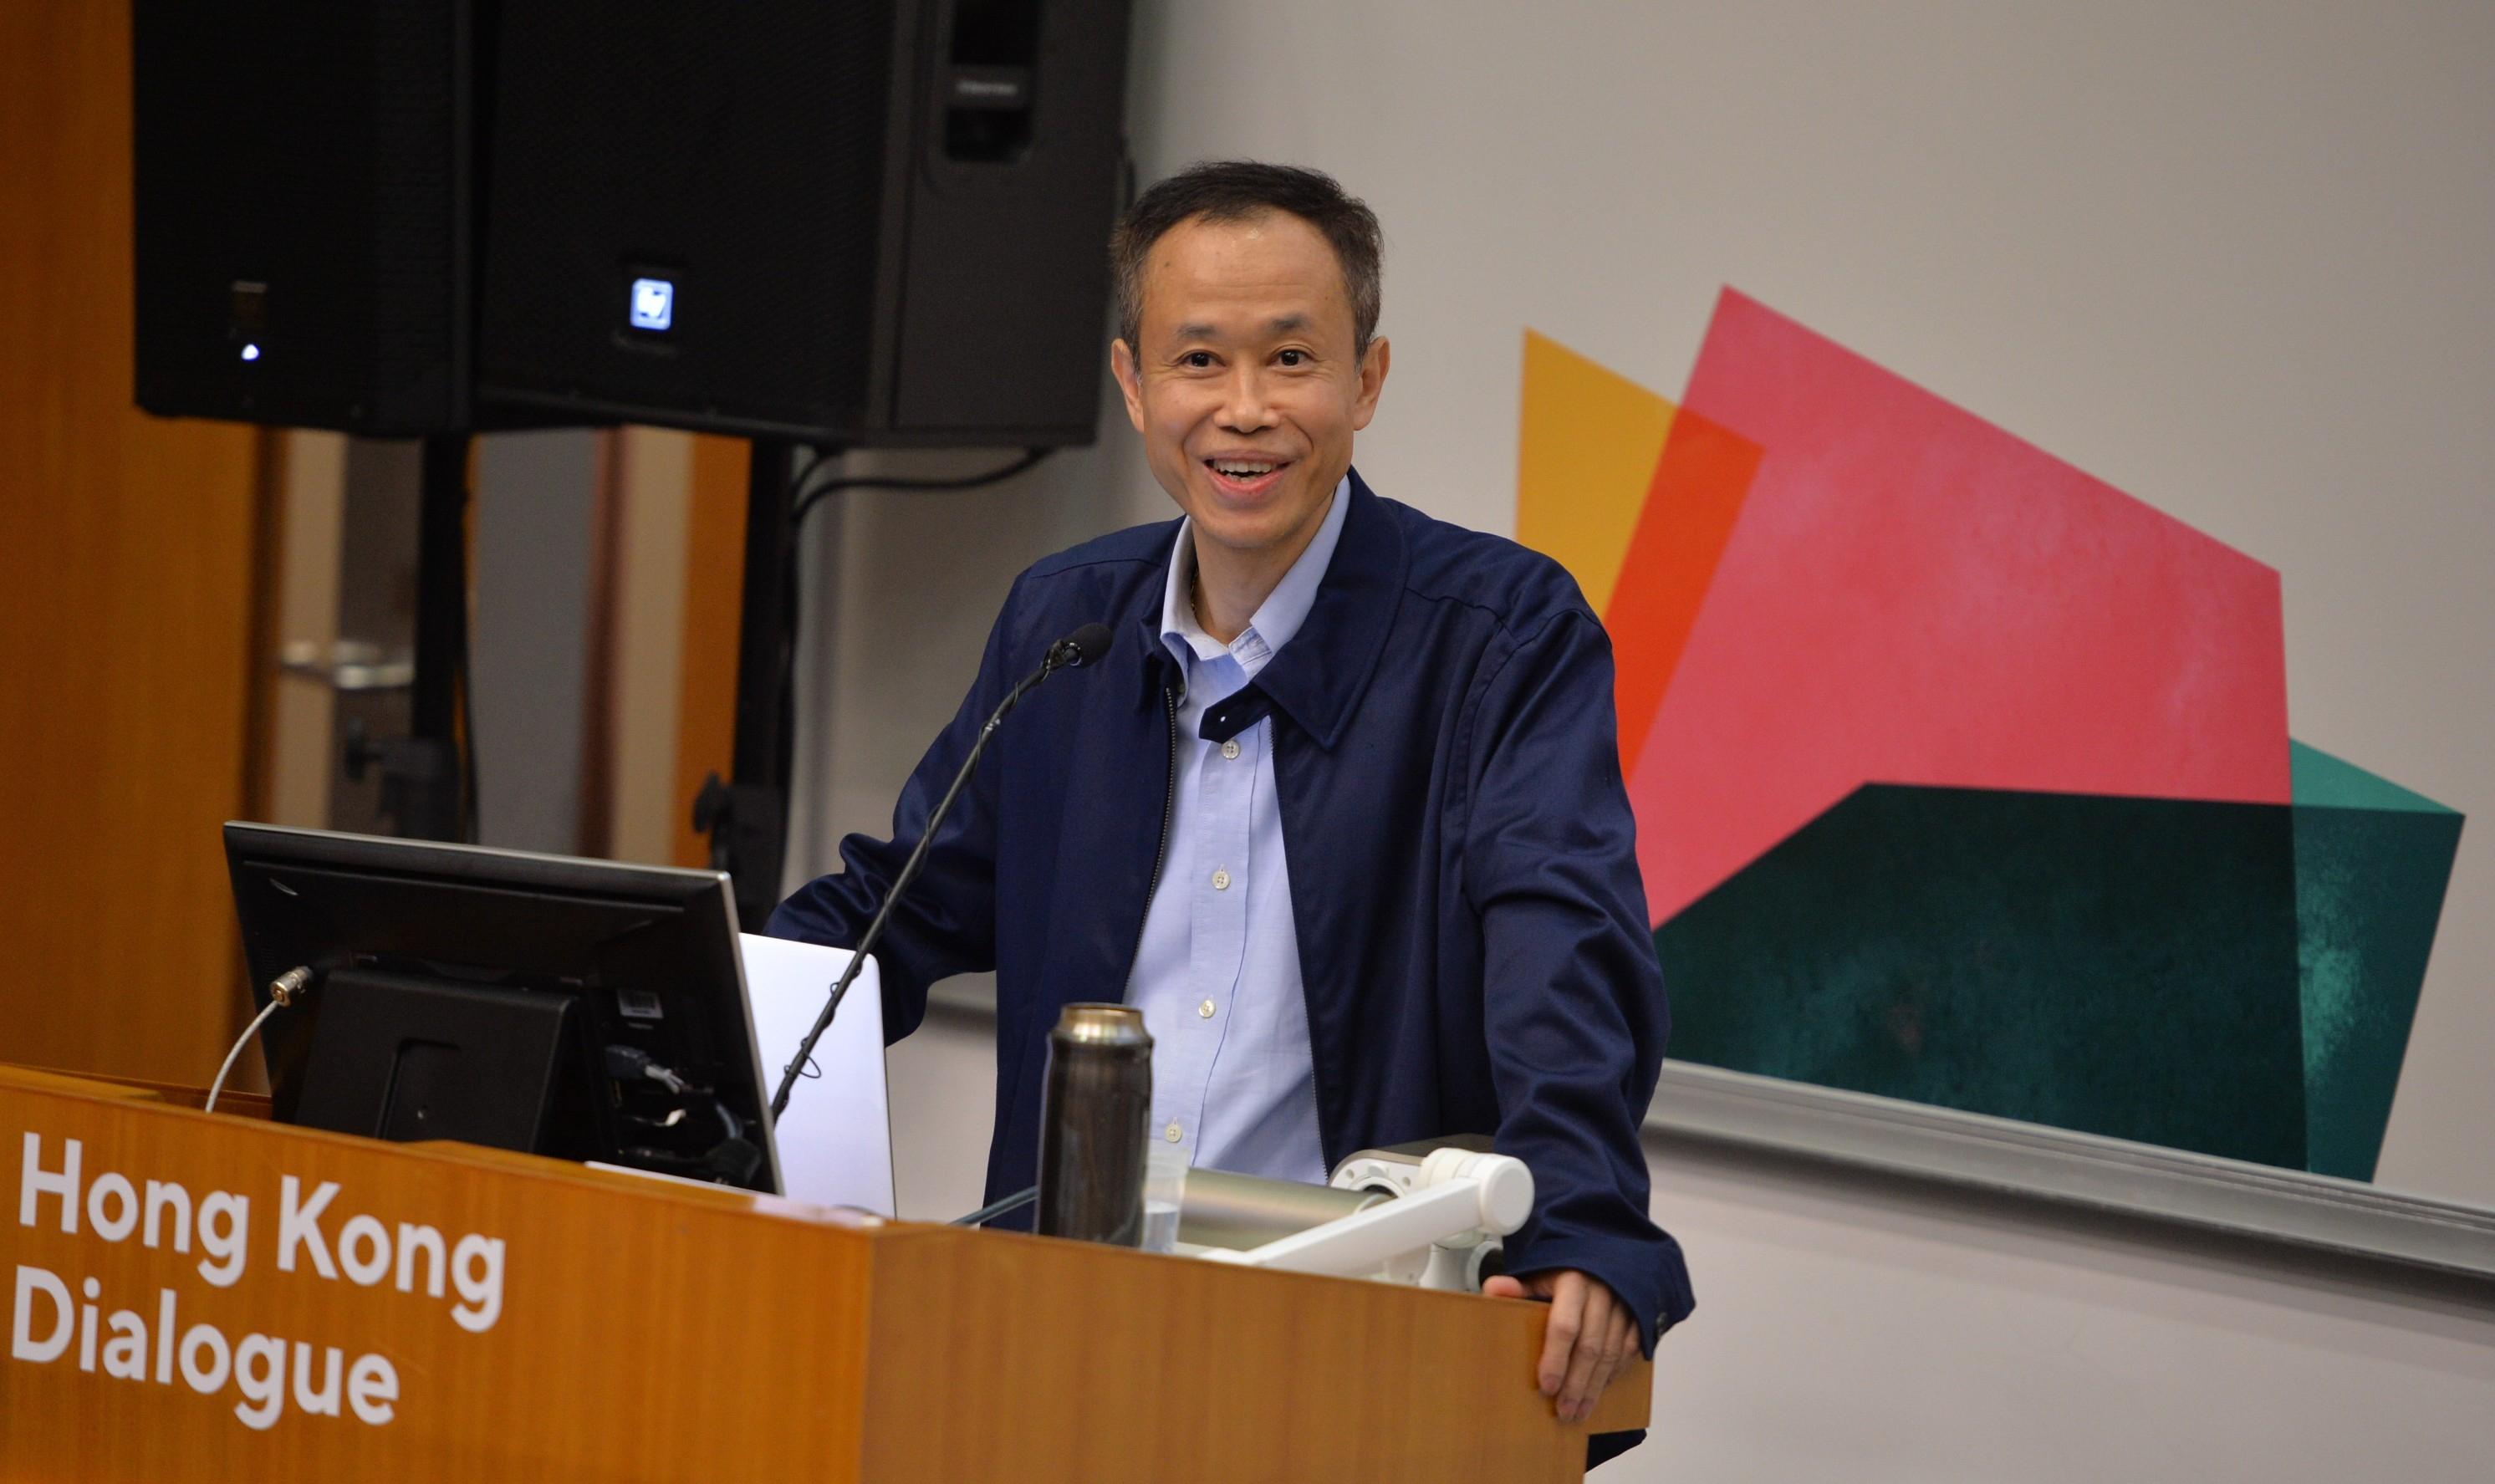 中大政治與行政學系系主任盧永鴻教授發表主題演講。